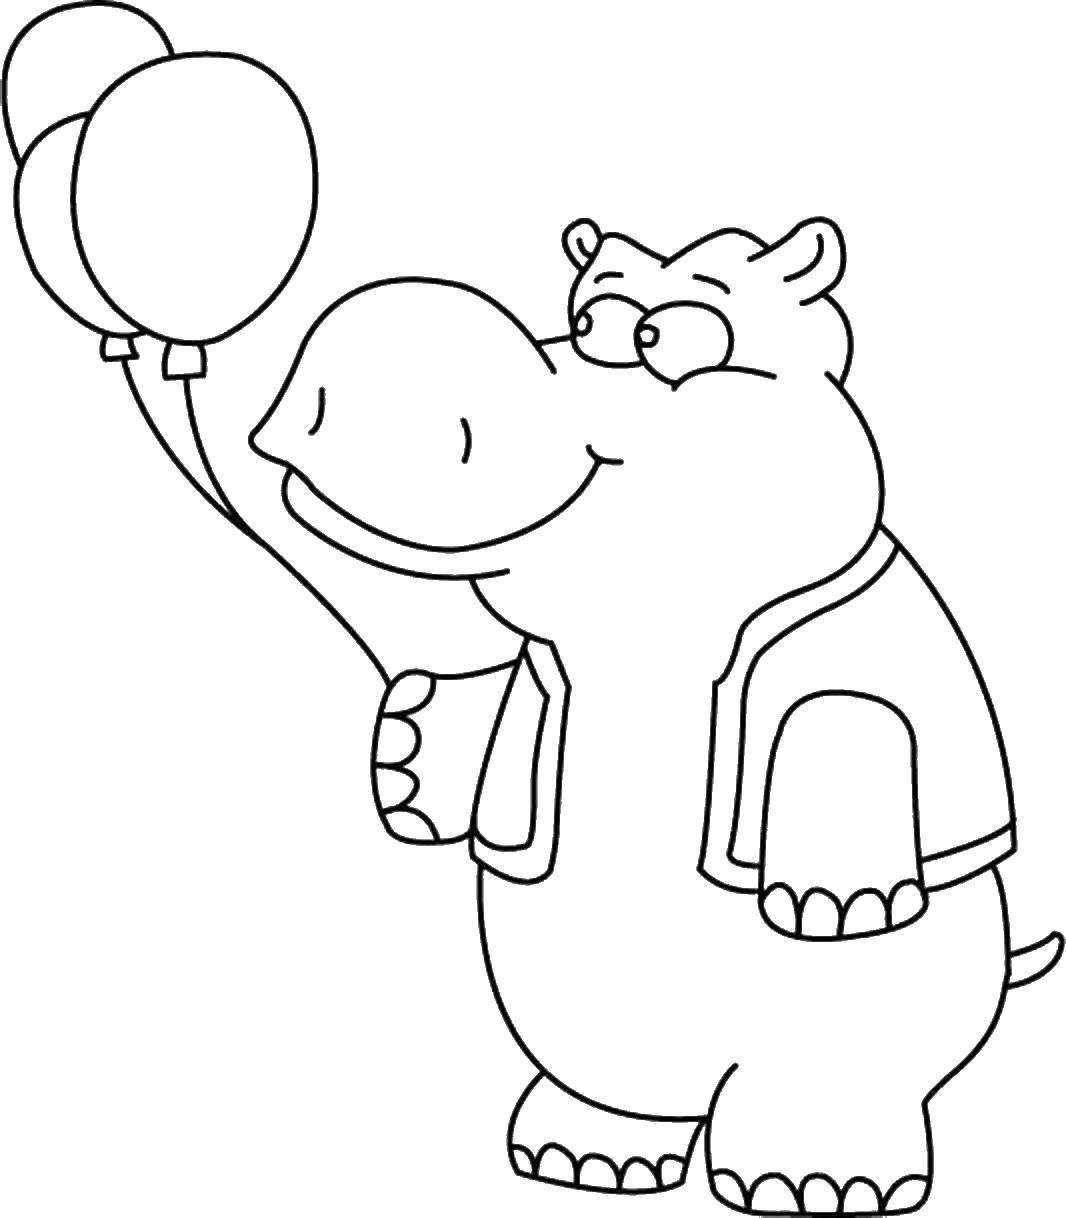 Раскраска Бегемот с шариками Скачать бегемот.  Распечатать ,Животные,